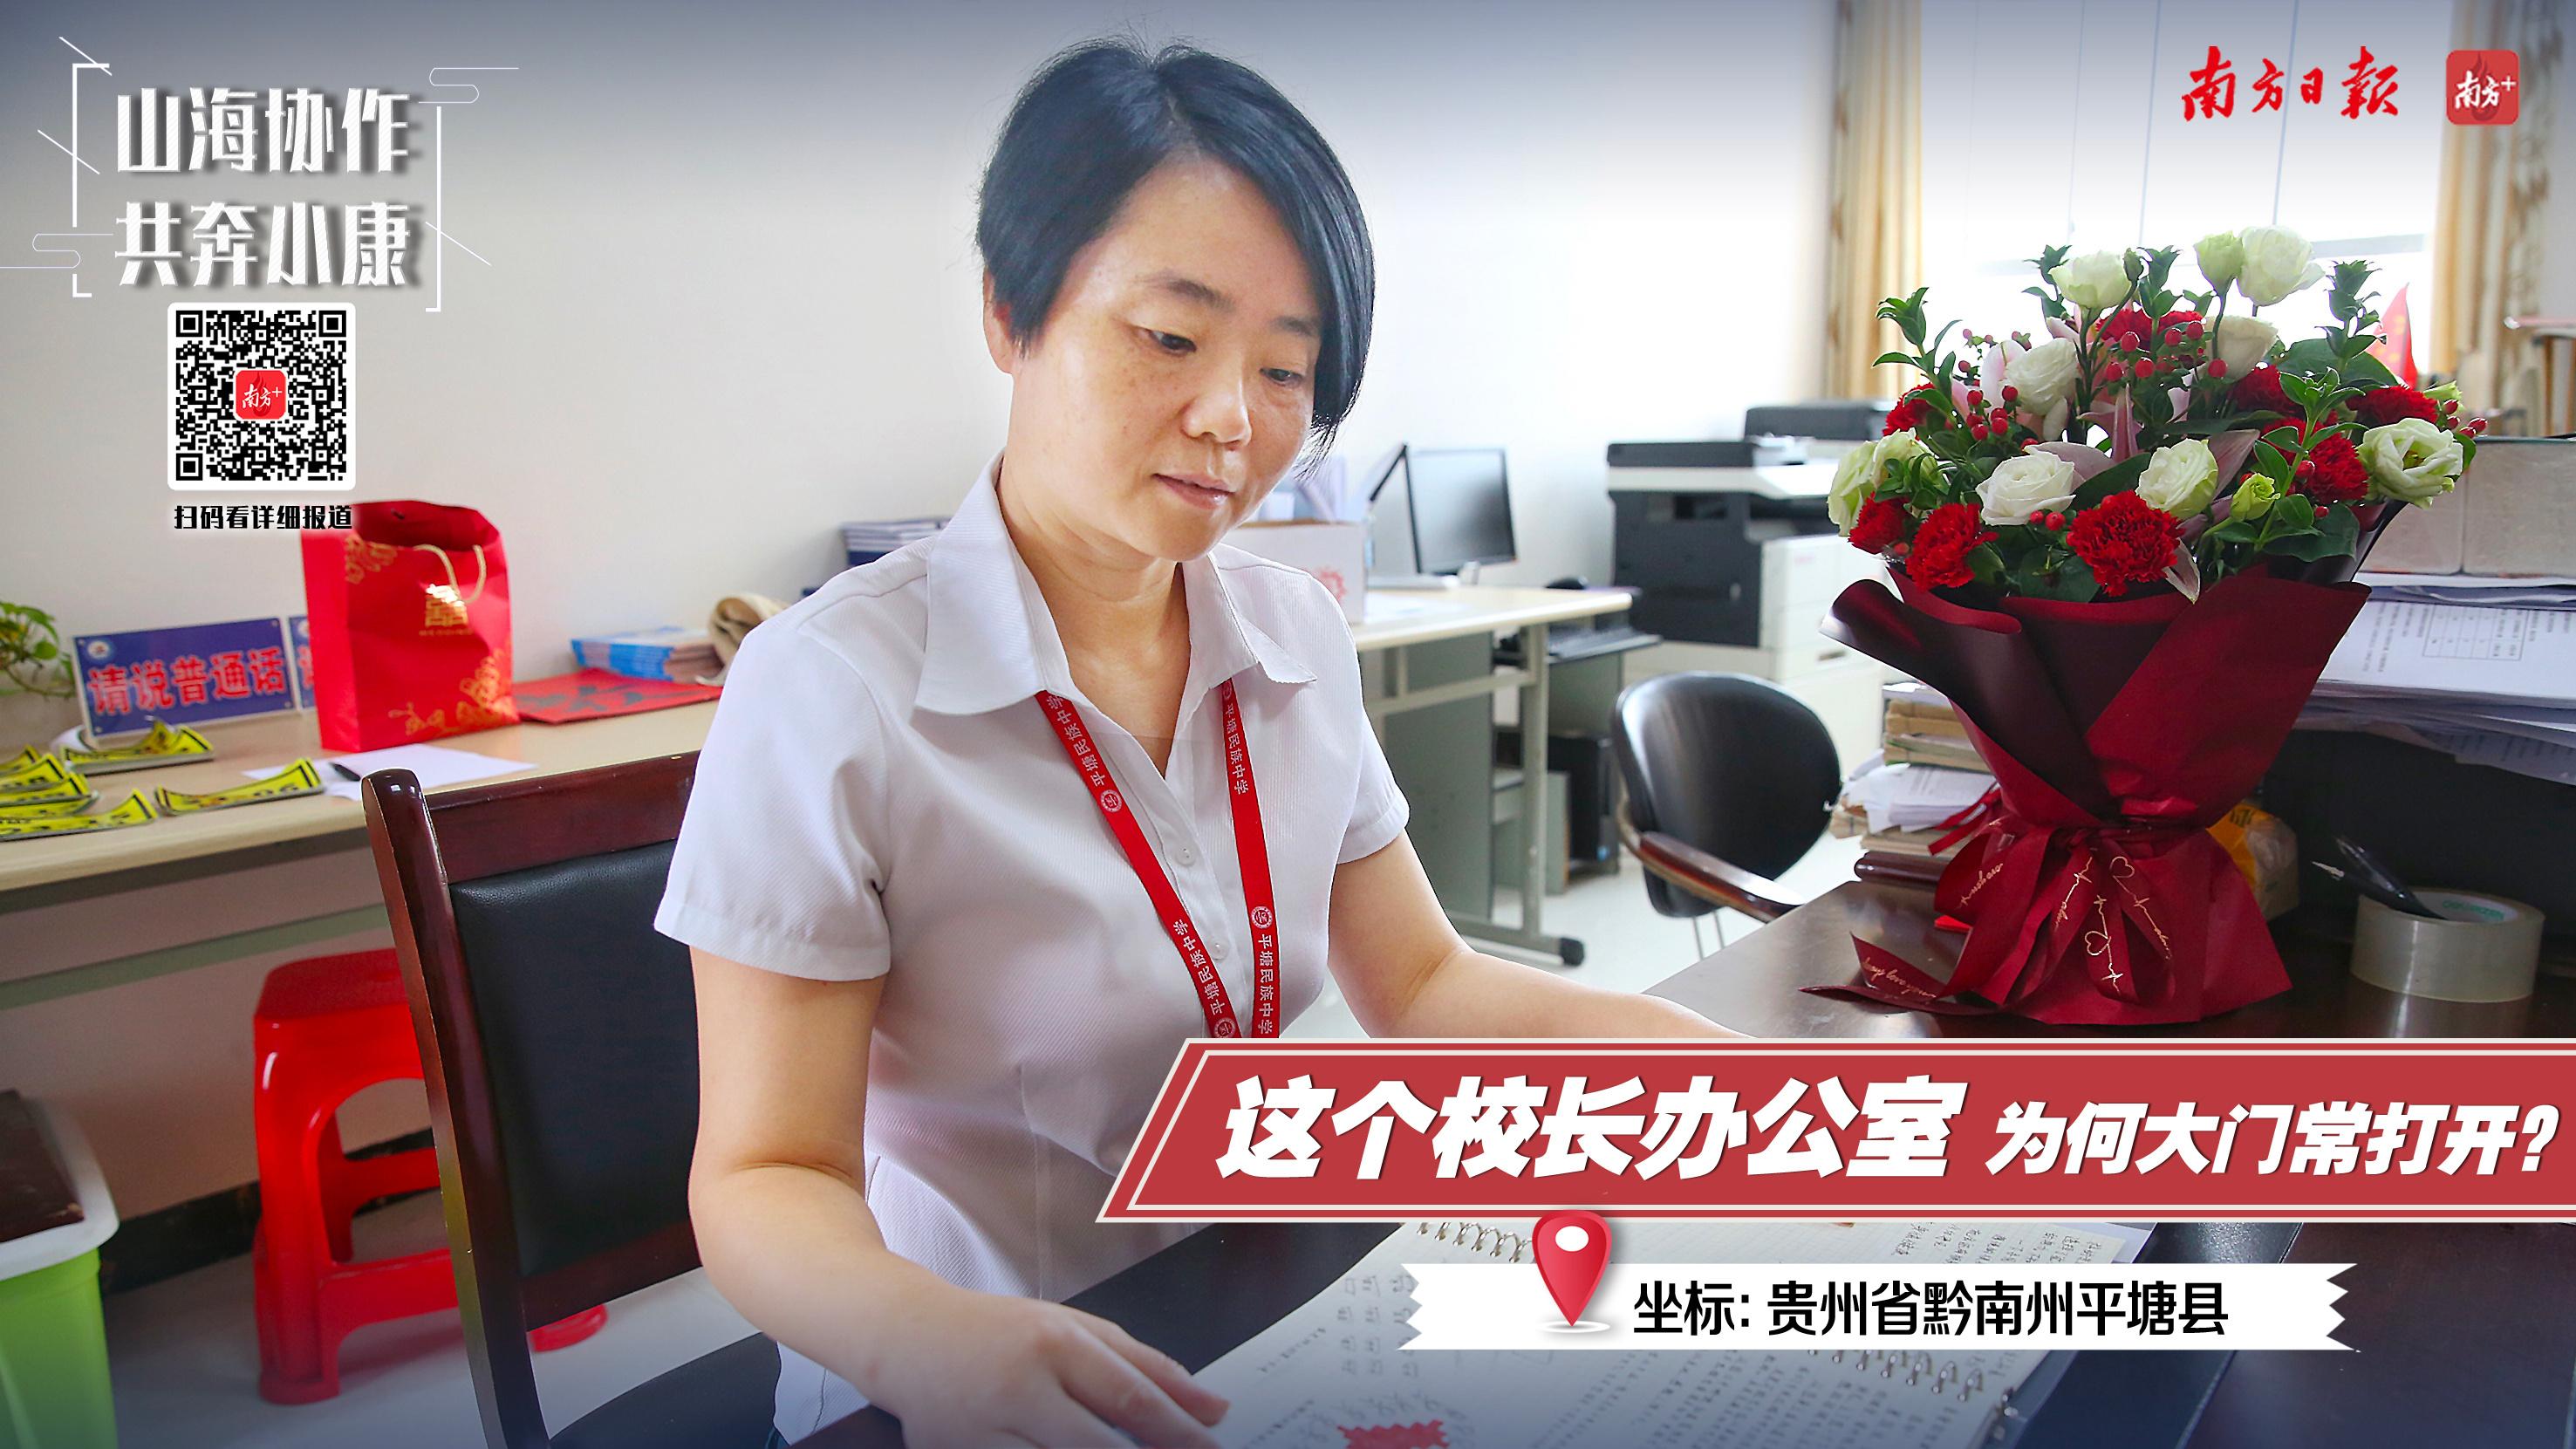 这个校长办公室,为何大门常打开?——广州老师春风化雨的教学方式,换来了累累硕果。